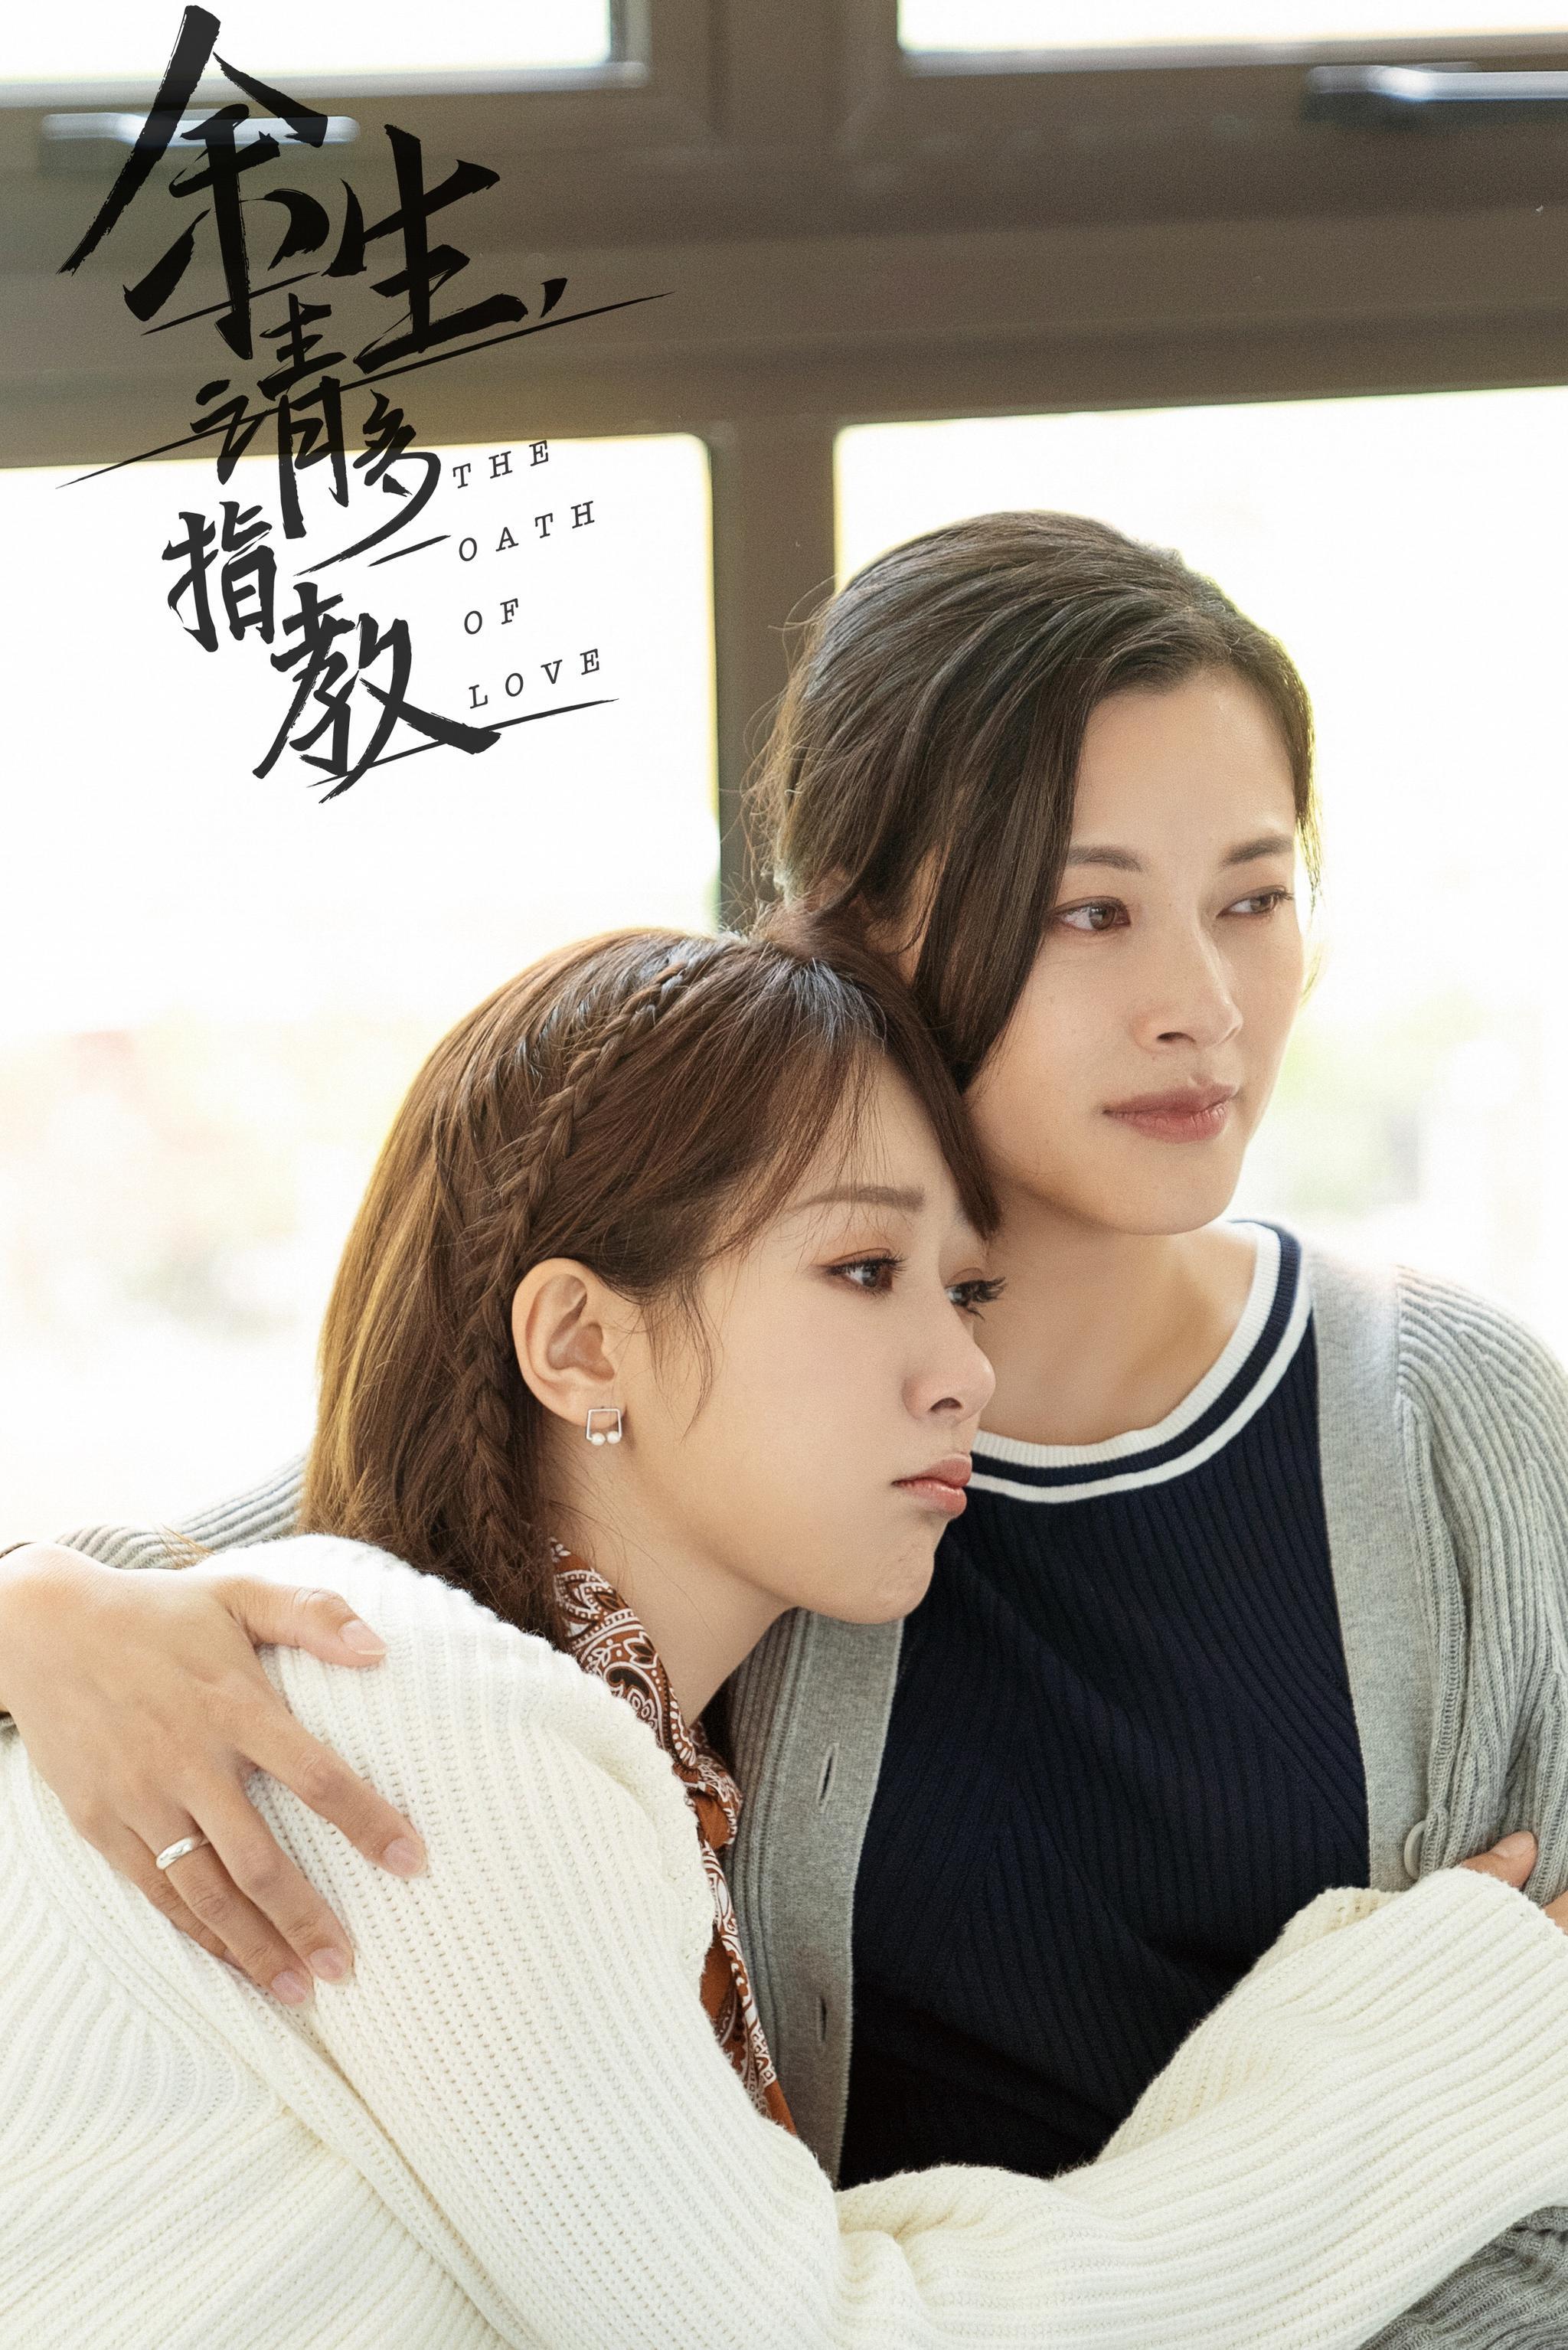 原创 电视剧还没有拍完,杨紫和肖战两个人的粉丝就互相攻击了插图(5)